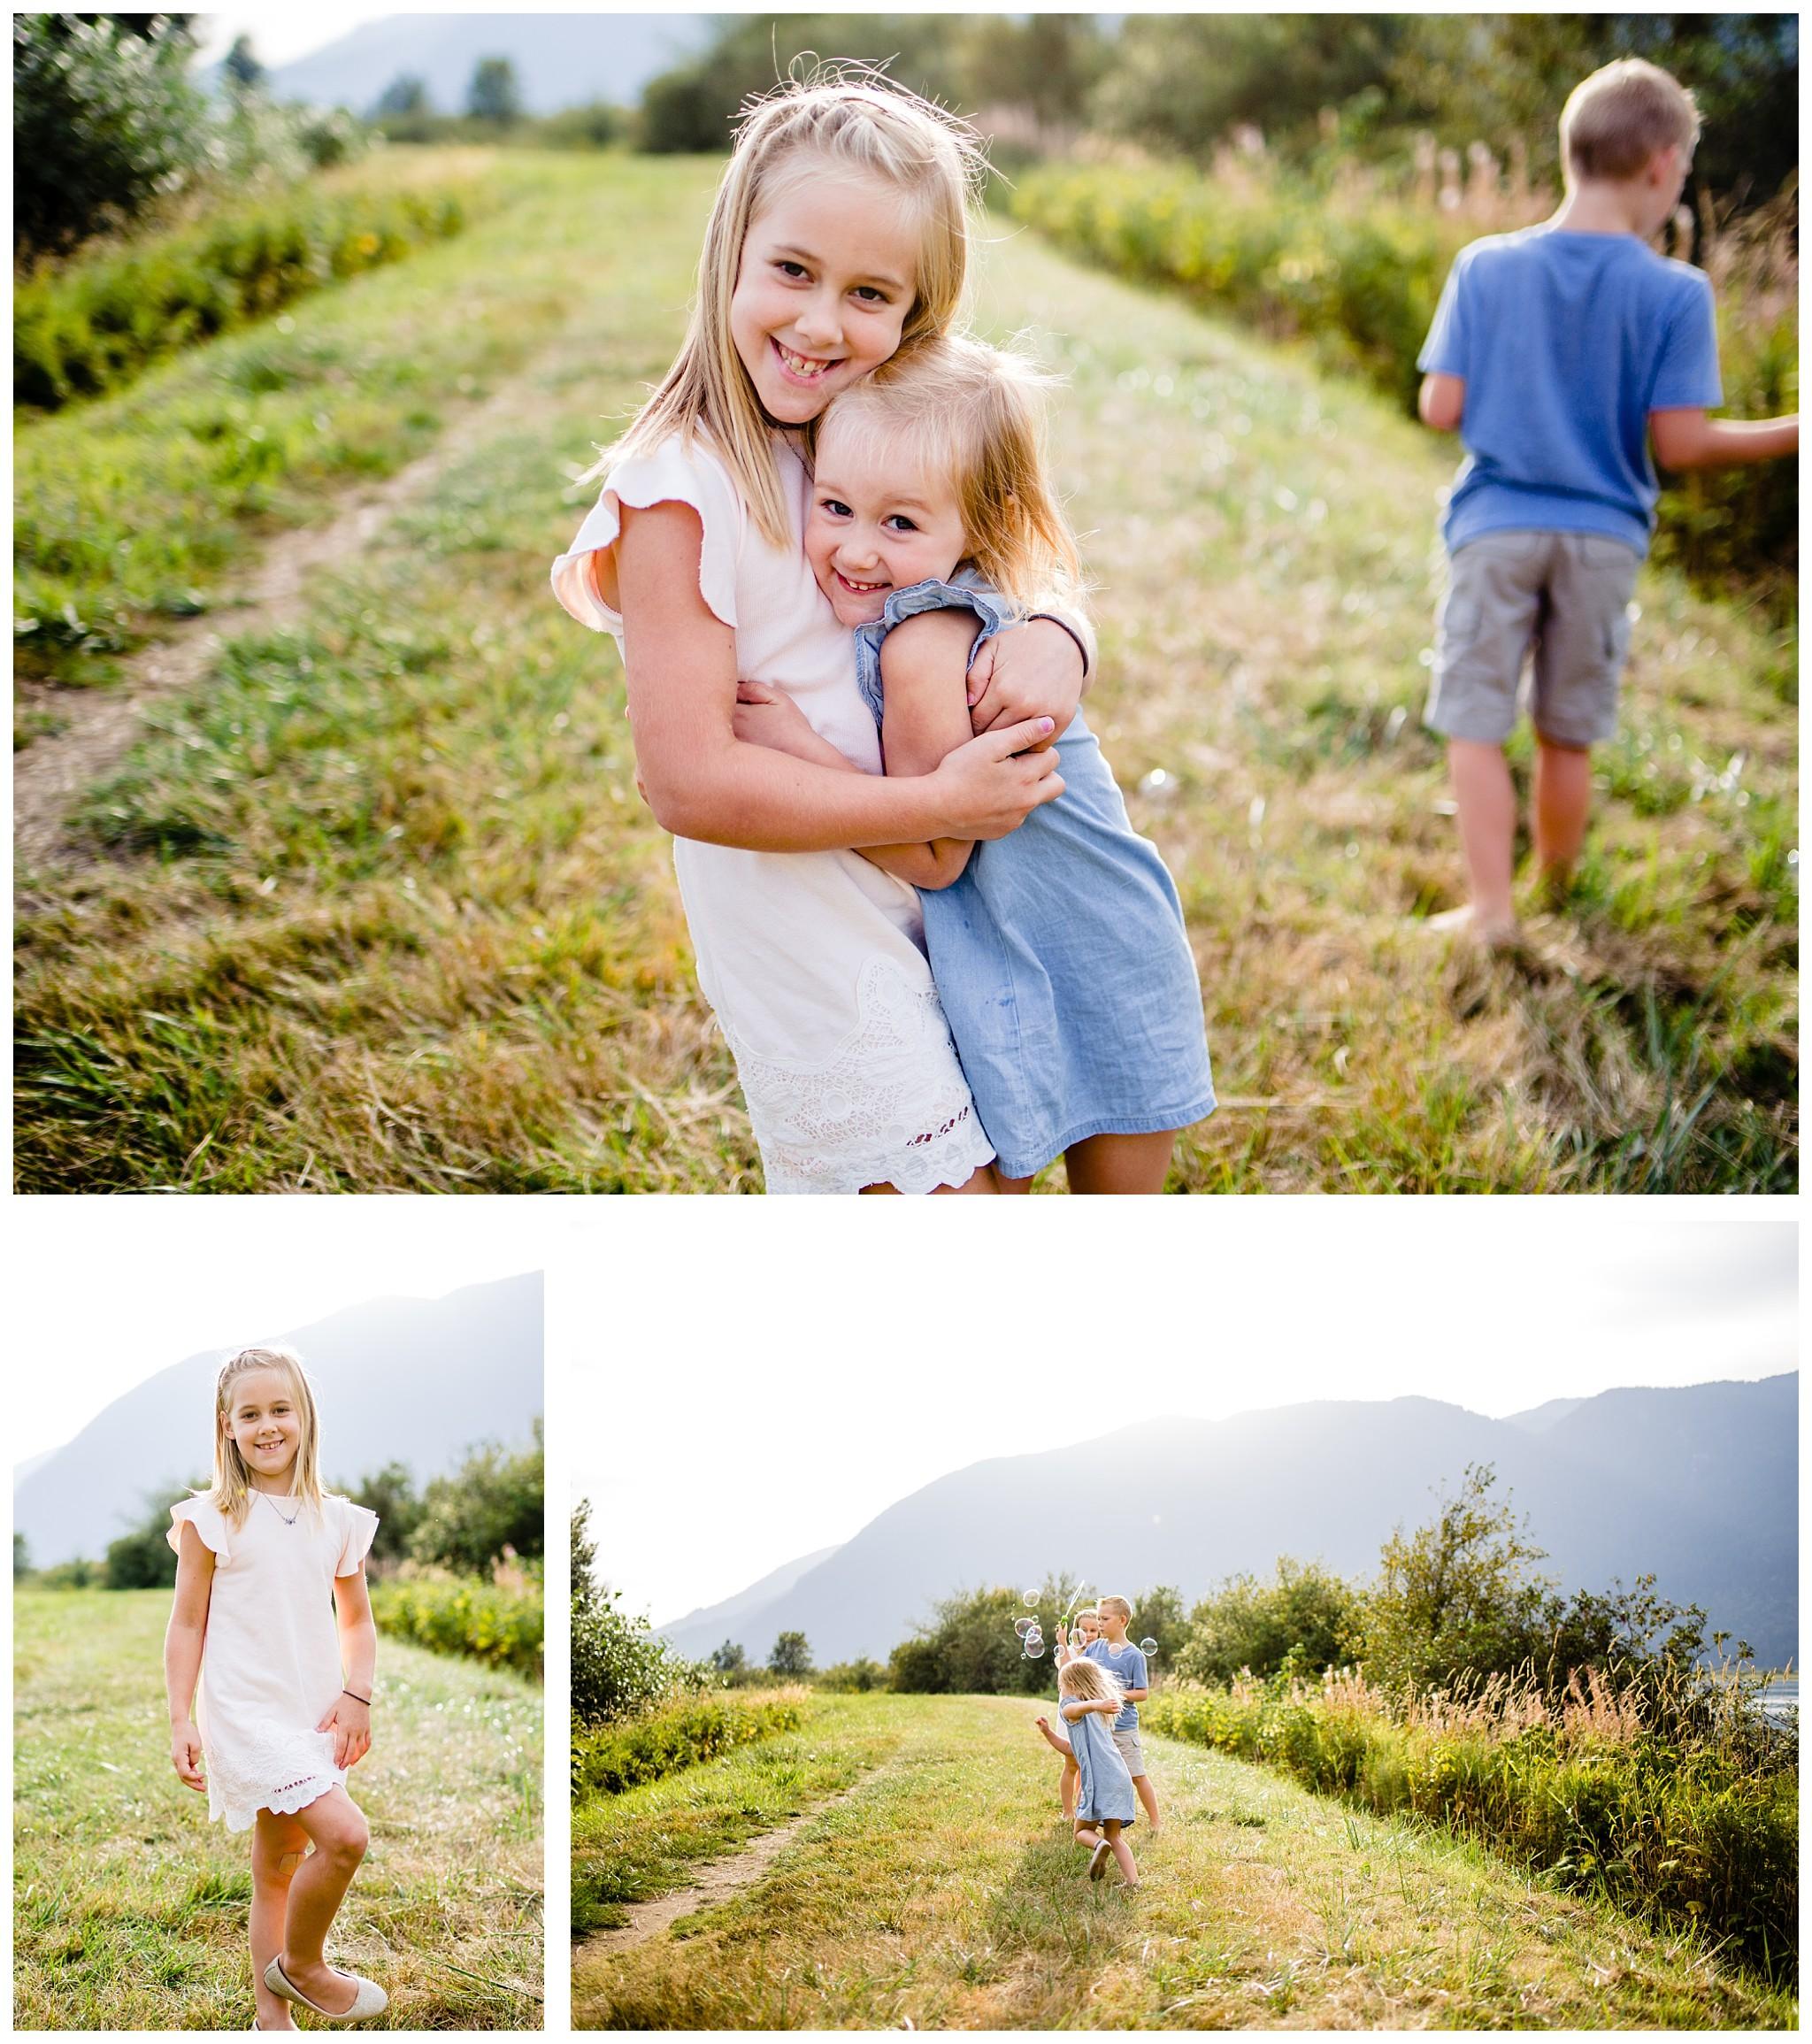 Pitt Lake Documentary Family Photographer Bubbles Mud Family of 6 Boys Girls Children_0088.jpg